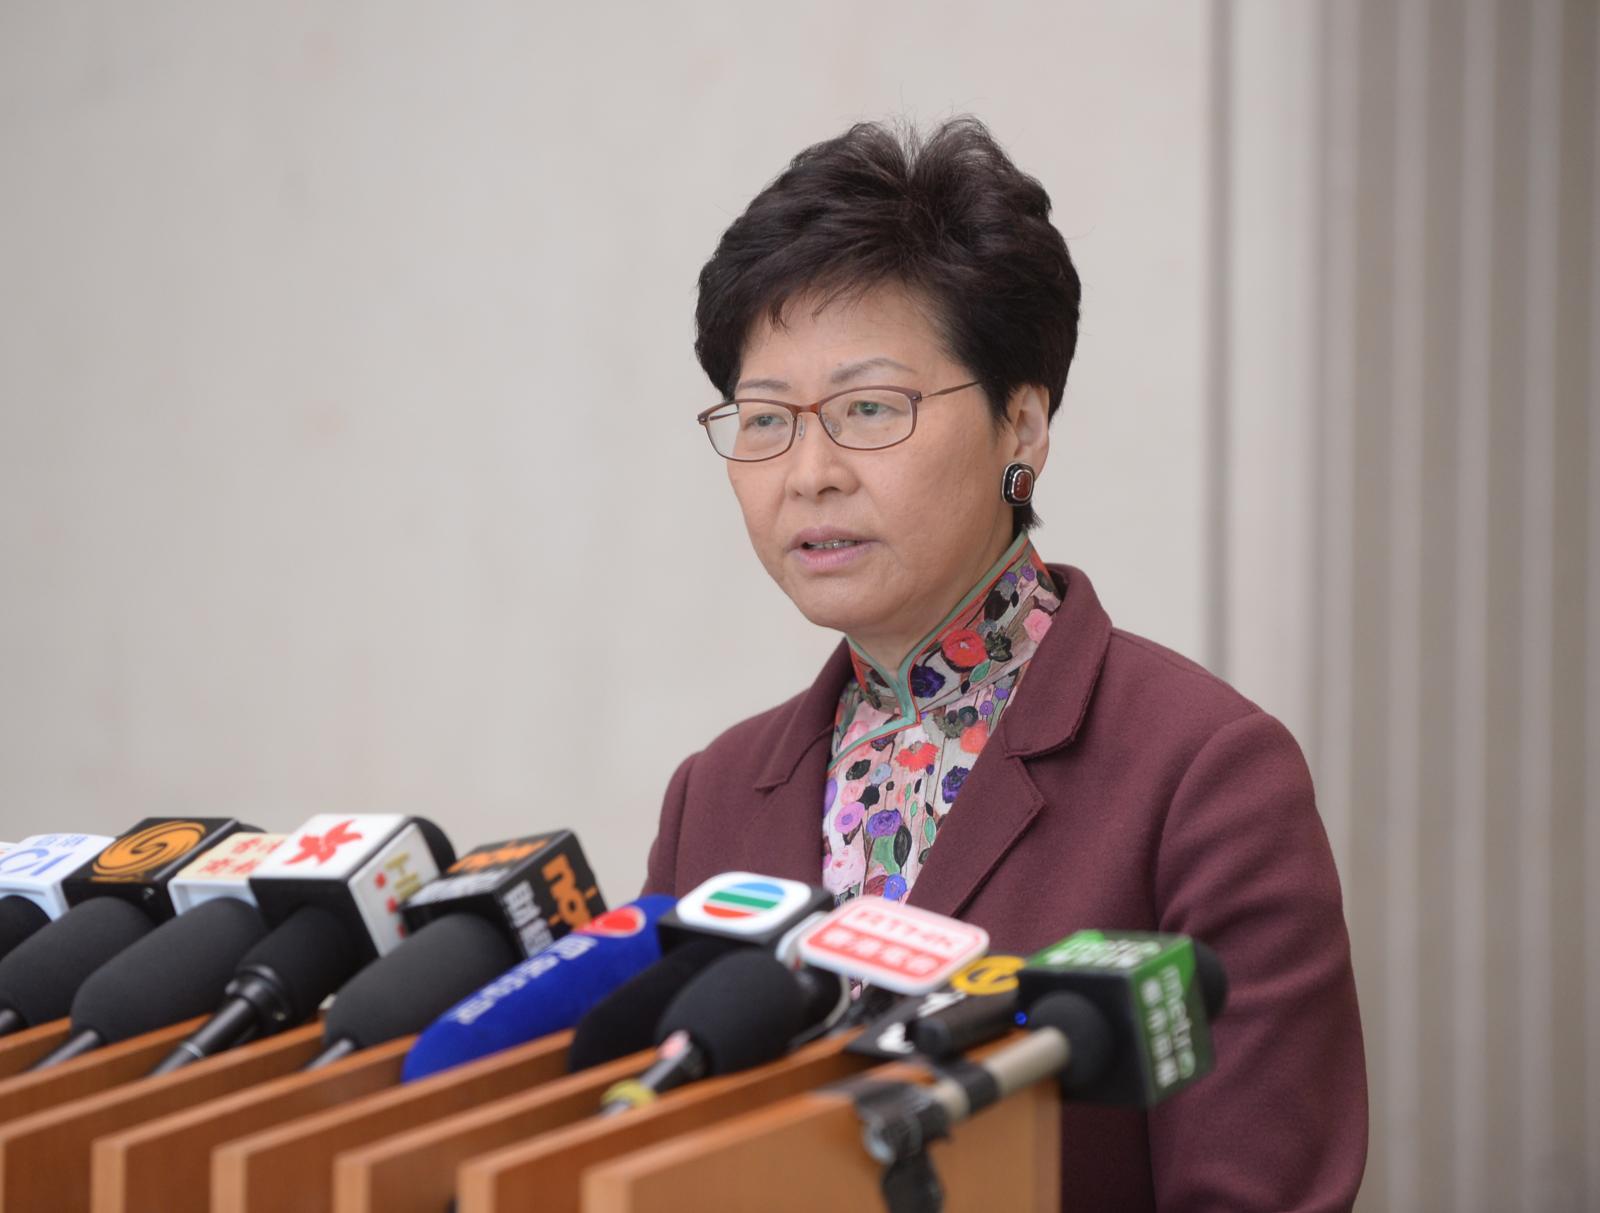 就劉鑾雄提司法覆核, 林鄭表示不評論。